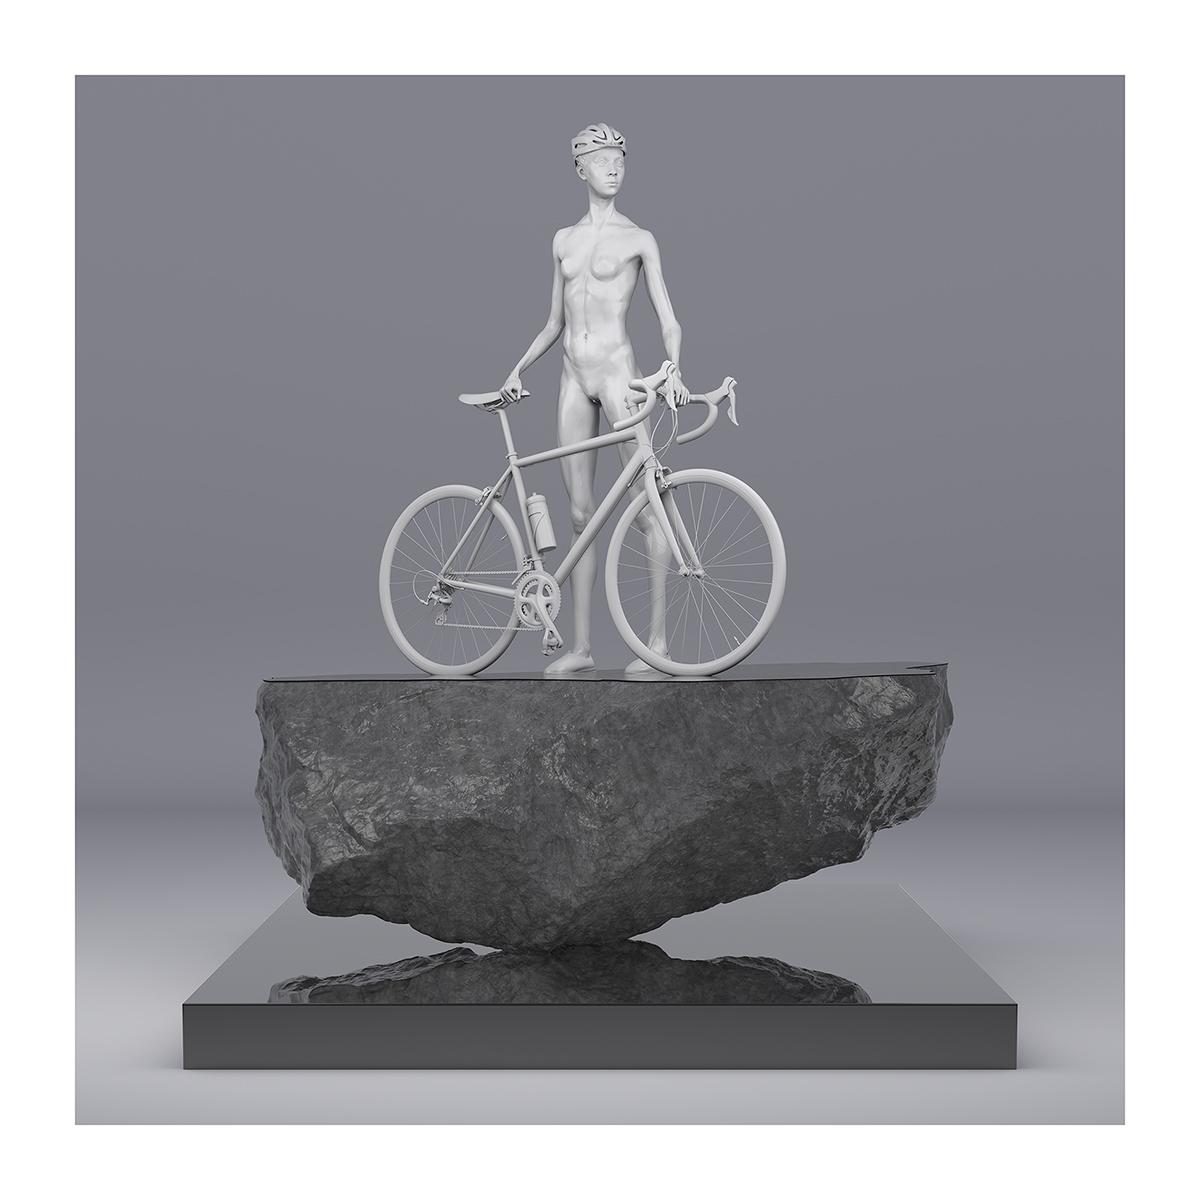 105 This was HomoSapiens Le Tour de France 002 - 2021 - This was HomoSapiens. Le Tour de France. I